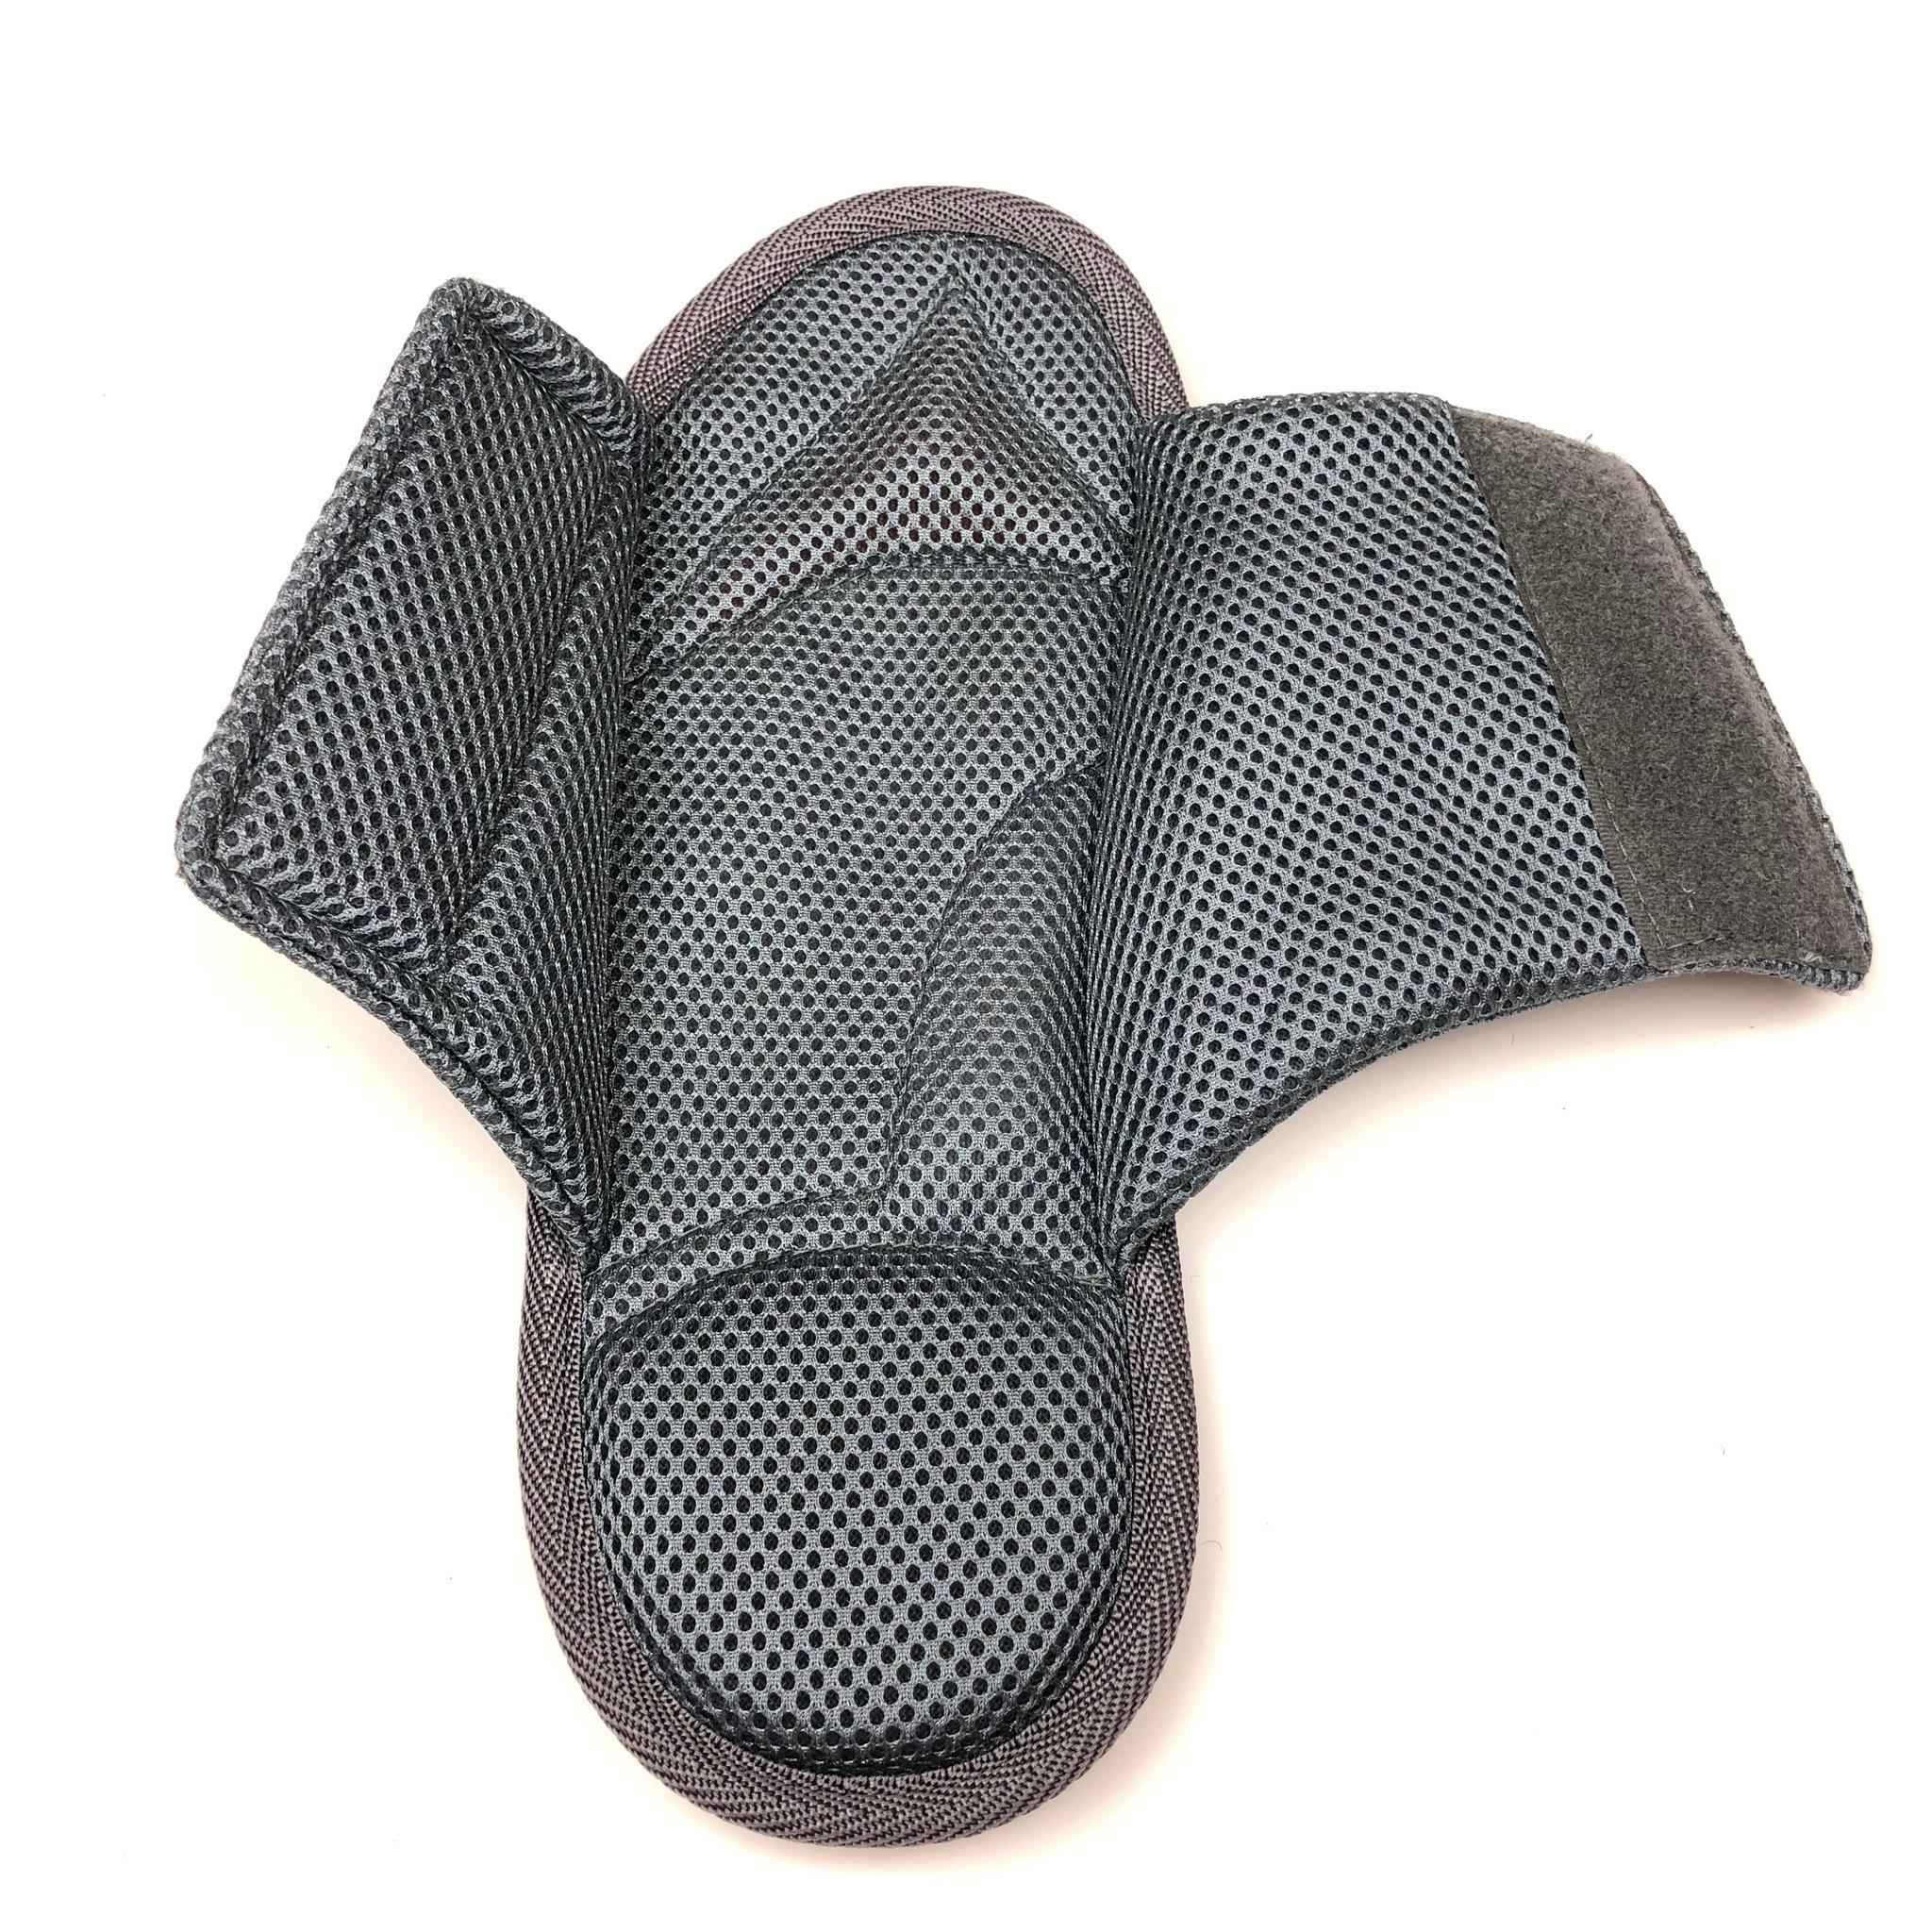 Тапочки анатомические с массажным эффектом, с липучкой, темно-серые